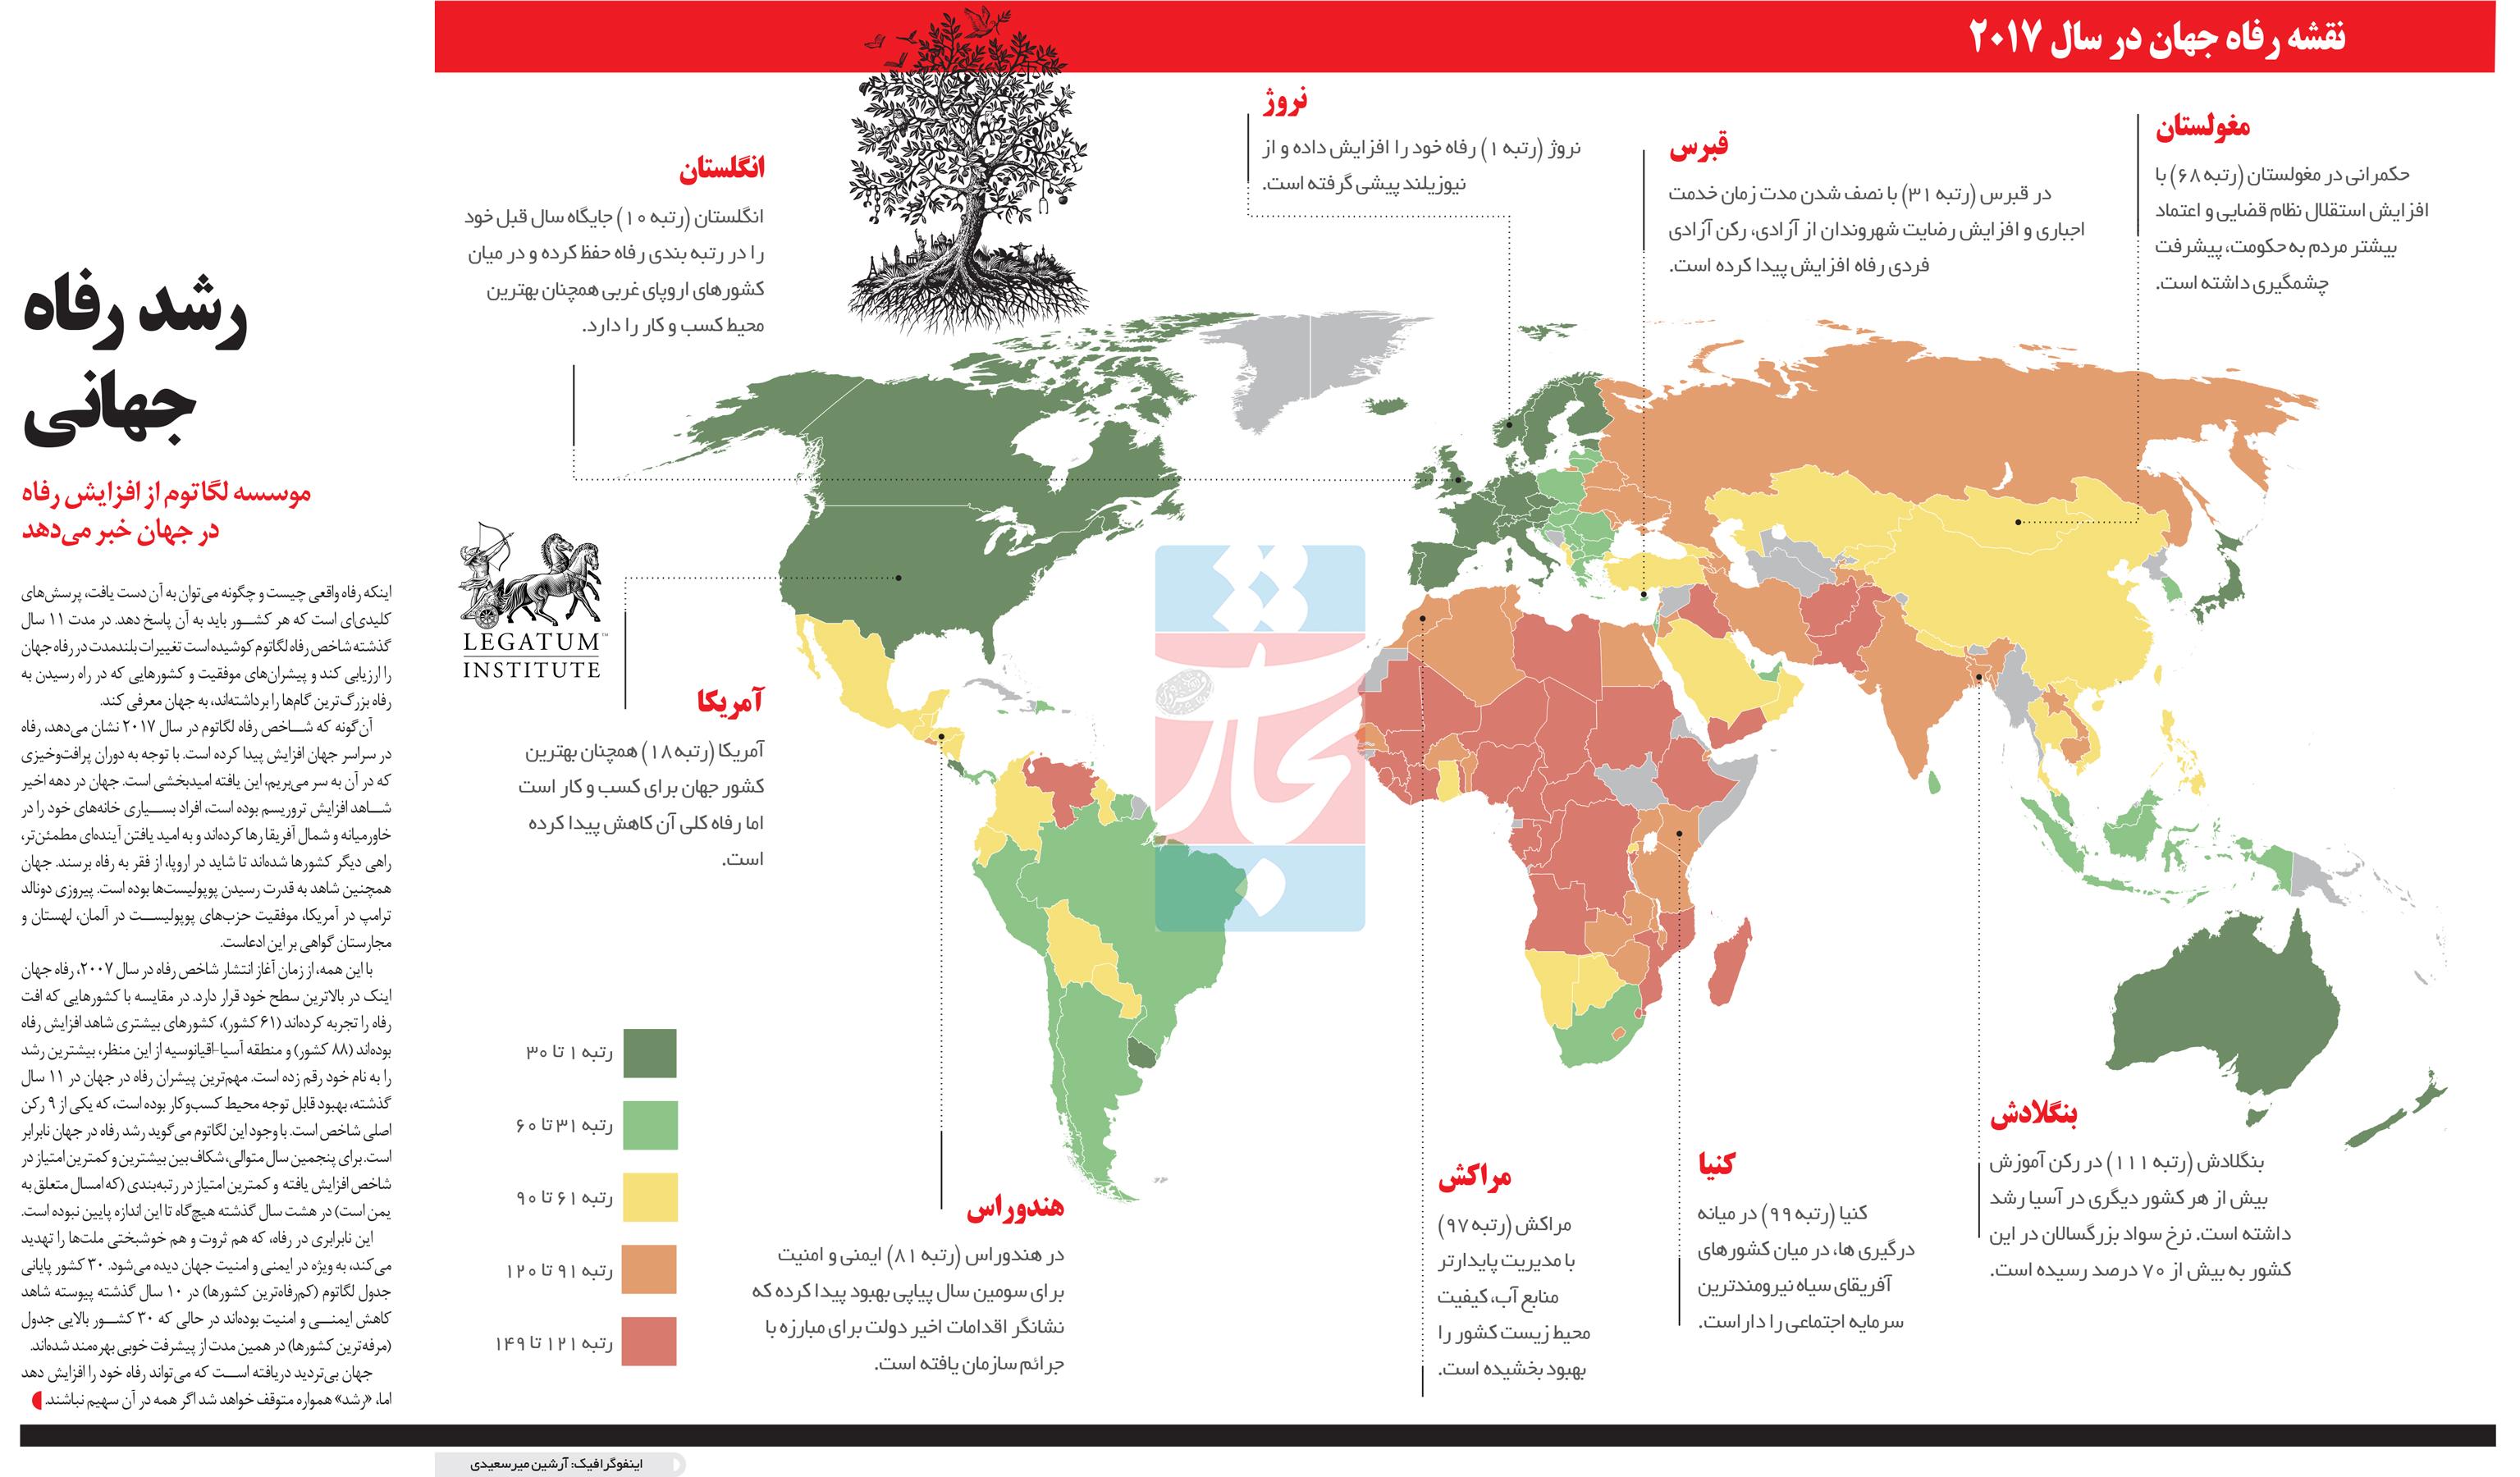 تجارت فردا- اینفوگرافیک- رشد رفاه جهانی